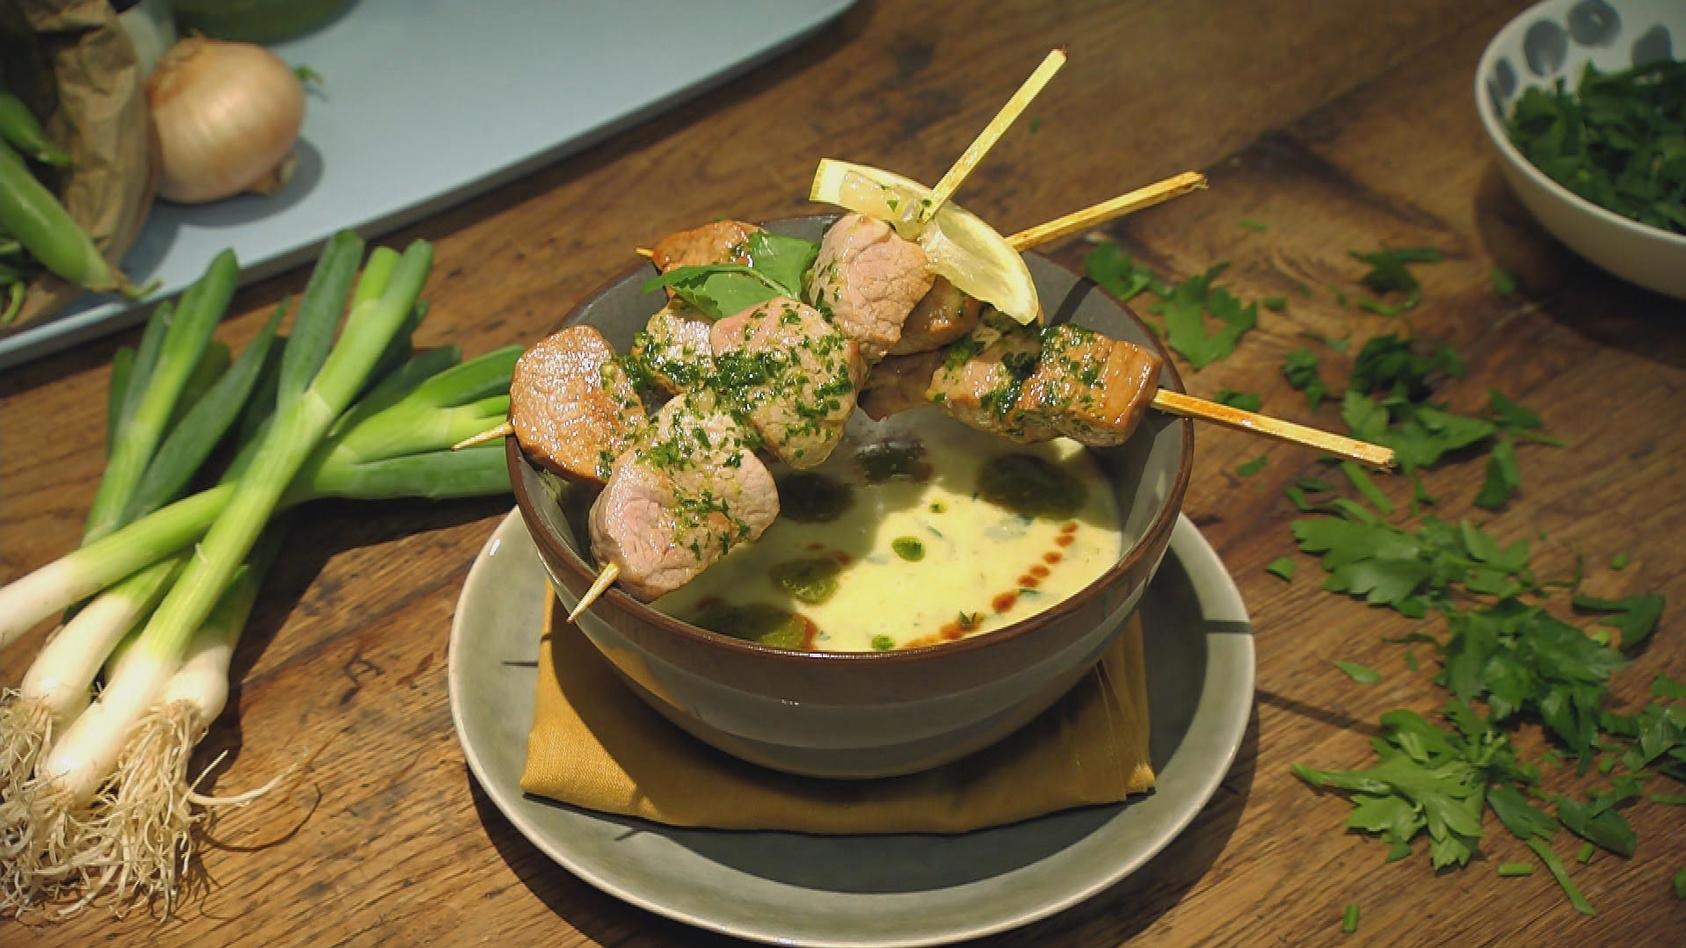 Frische Gartenküche – Purer Genuss aus der Heimat: Kartoffel-Lauch-Suppe mit Schweinefilet-Spießen